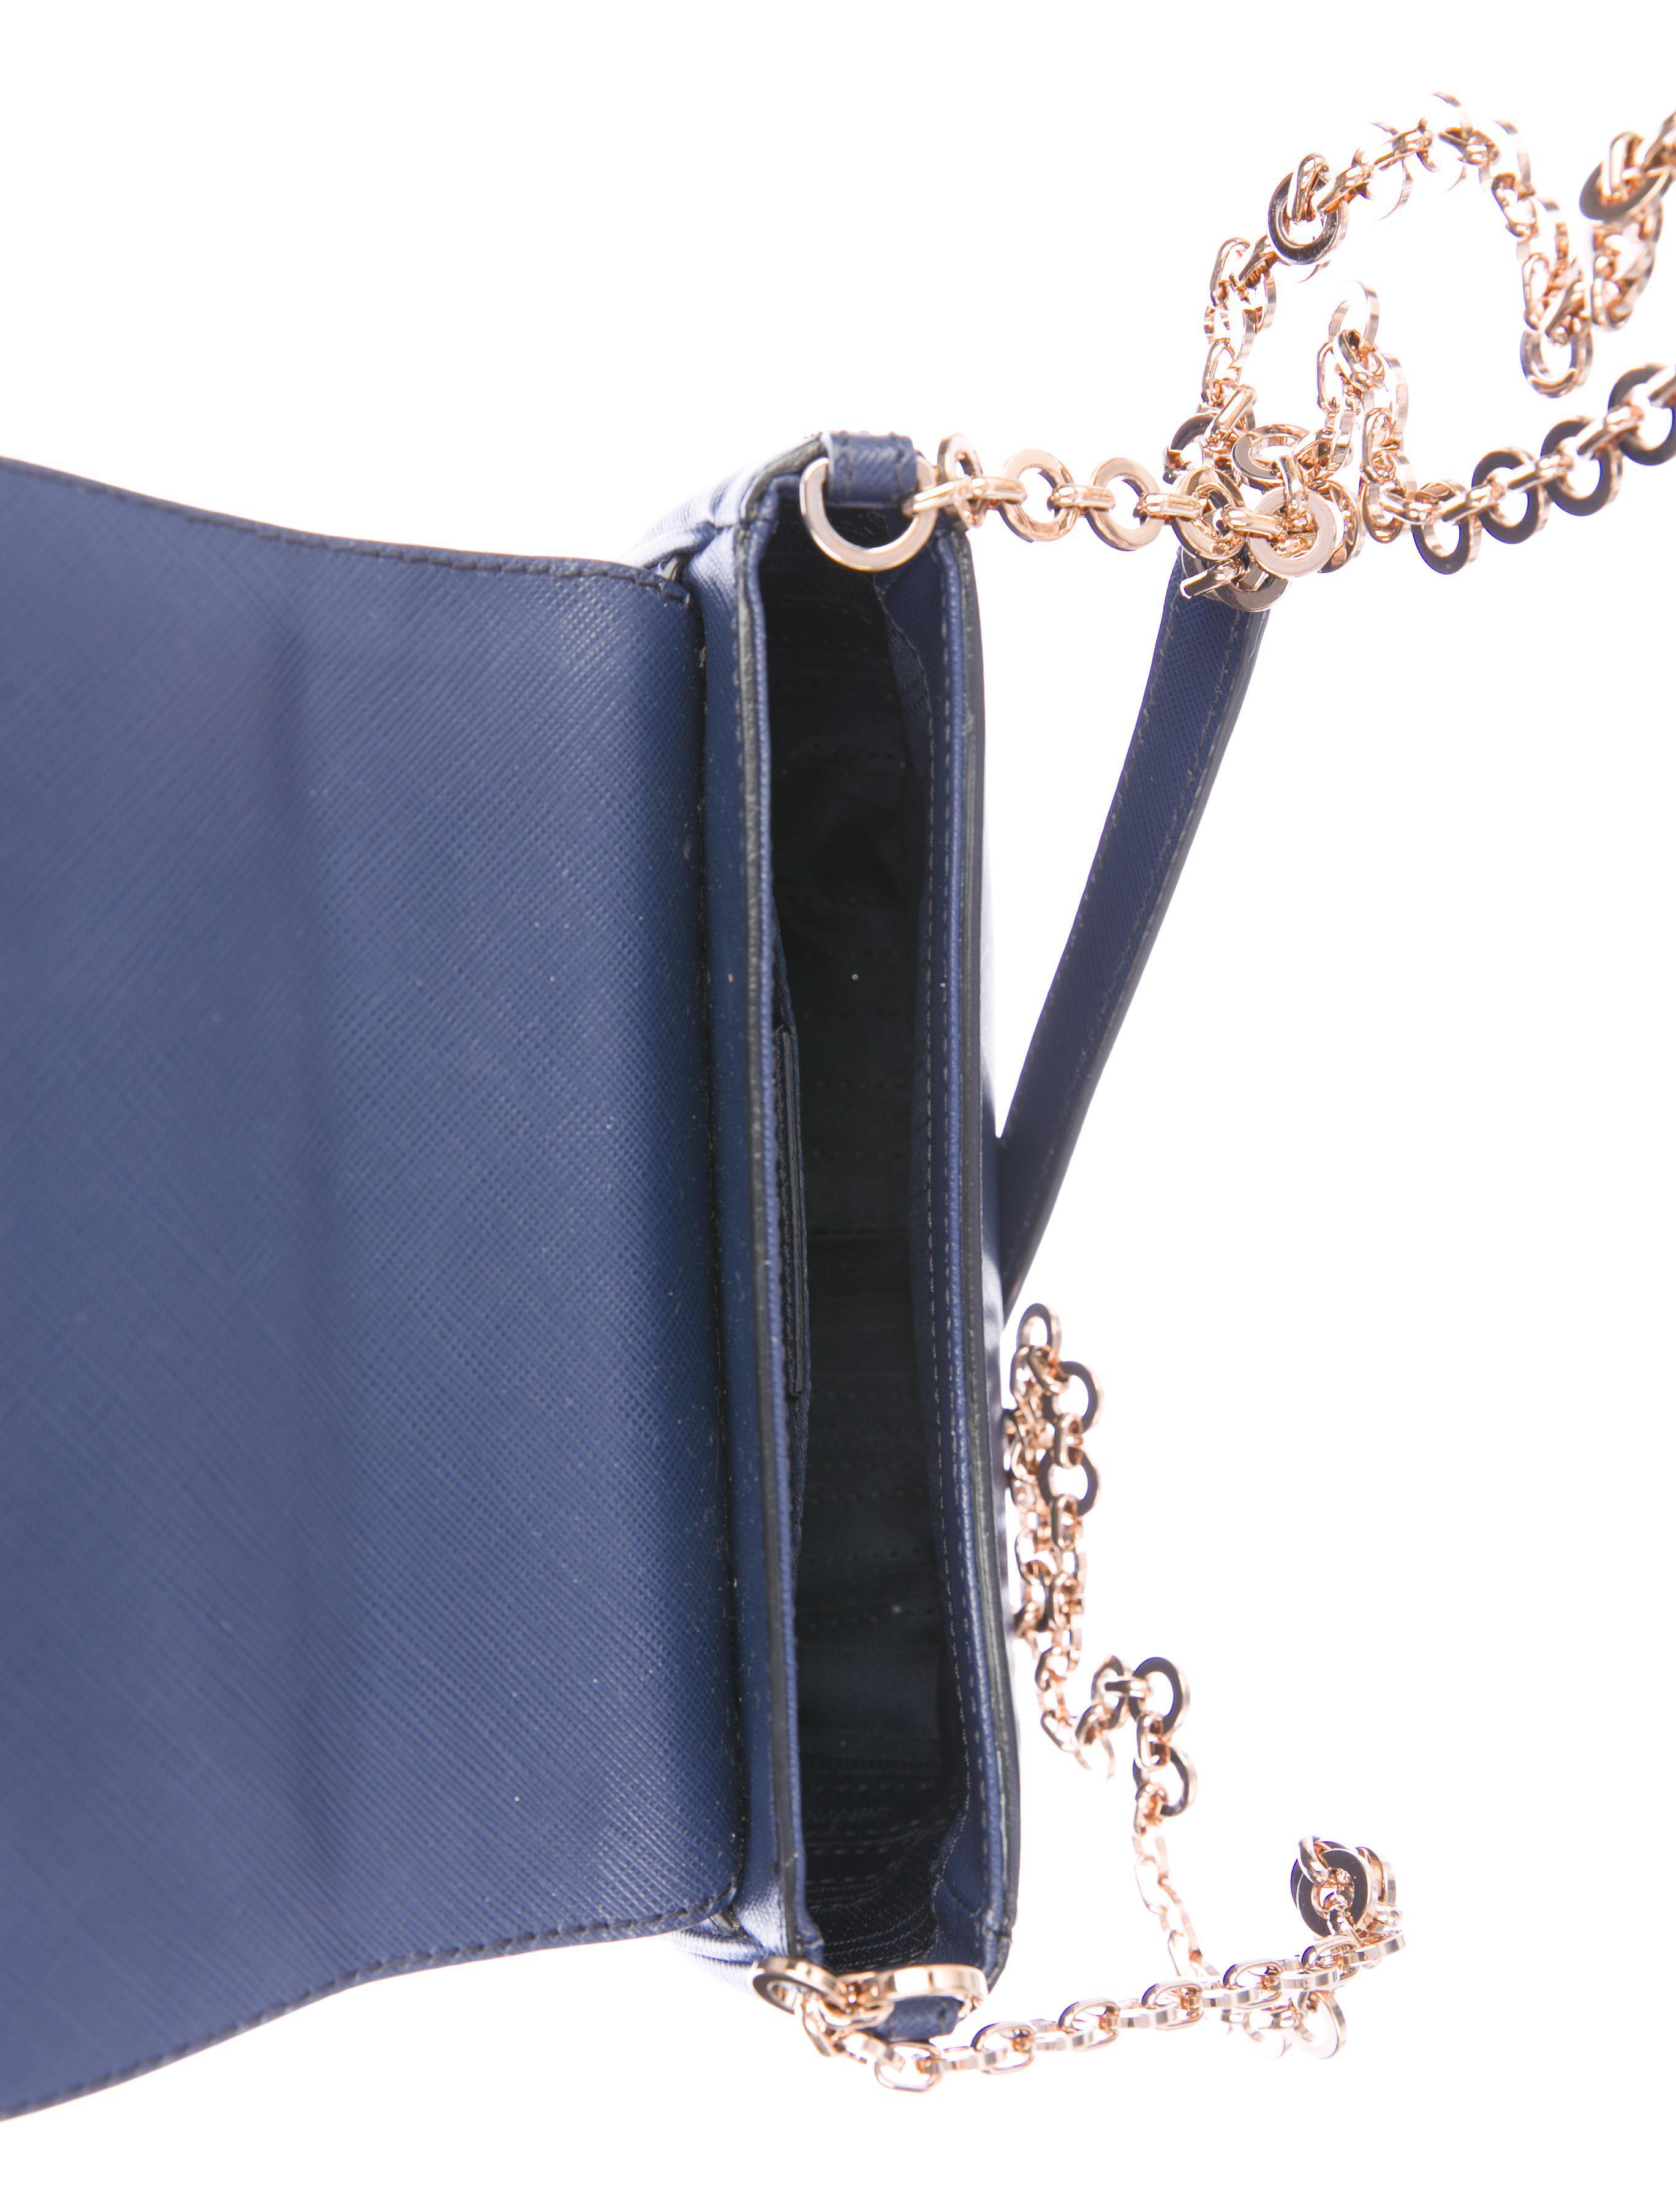 Ferragamo - Metallic Saffiano Fancy Shoulder Bag Blu - Lyst. View fullscreen 9192ffc330337